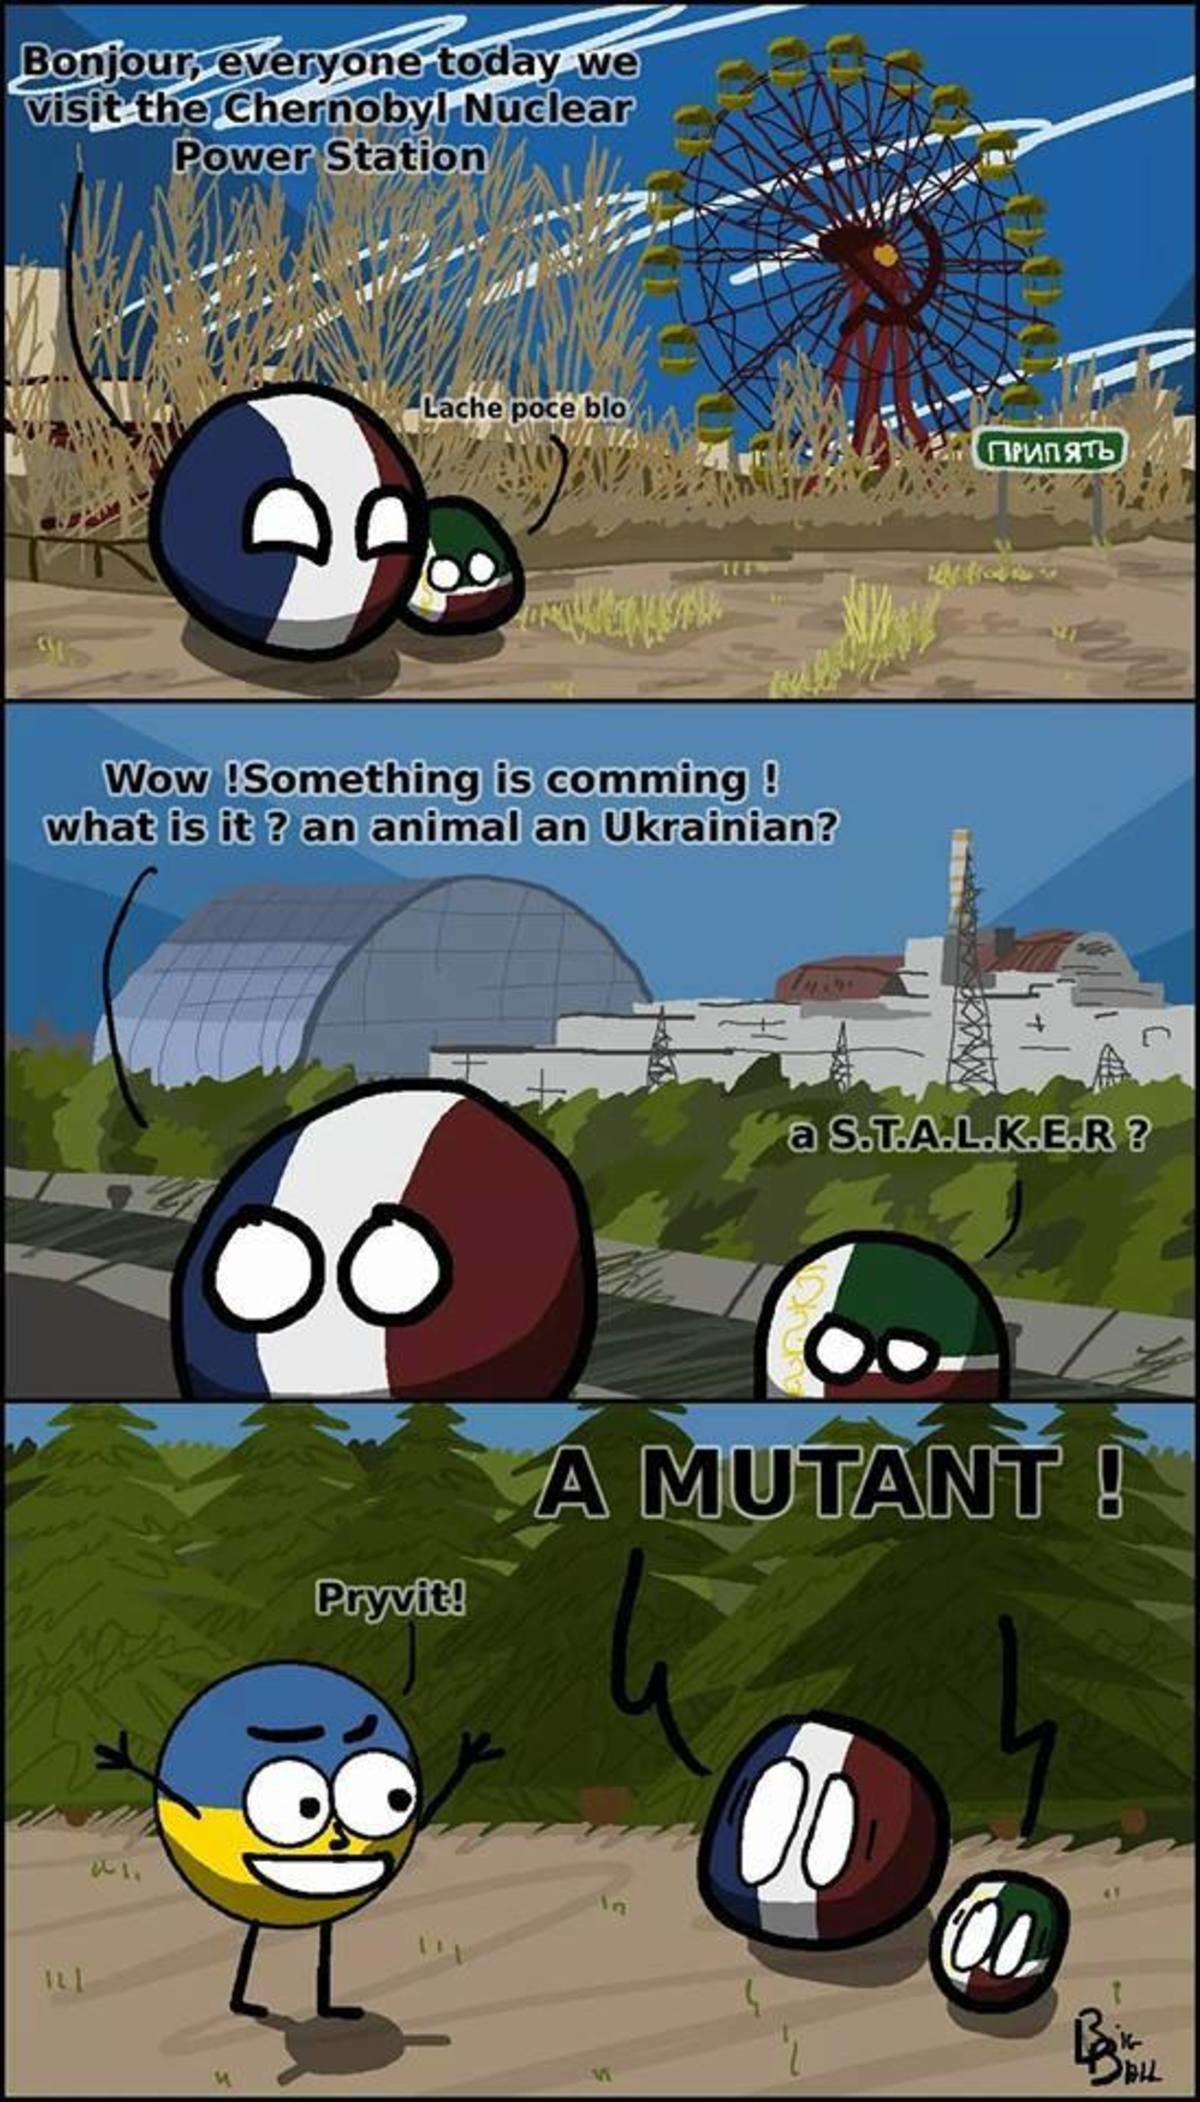 Chernobyl. . Polandball belarus byelorussia france ukraine chernobyl Mutant